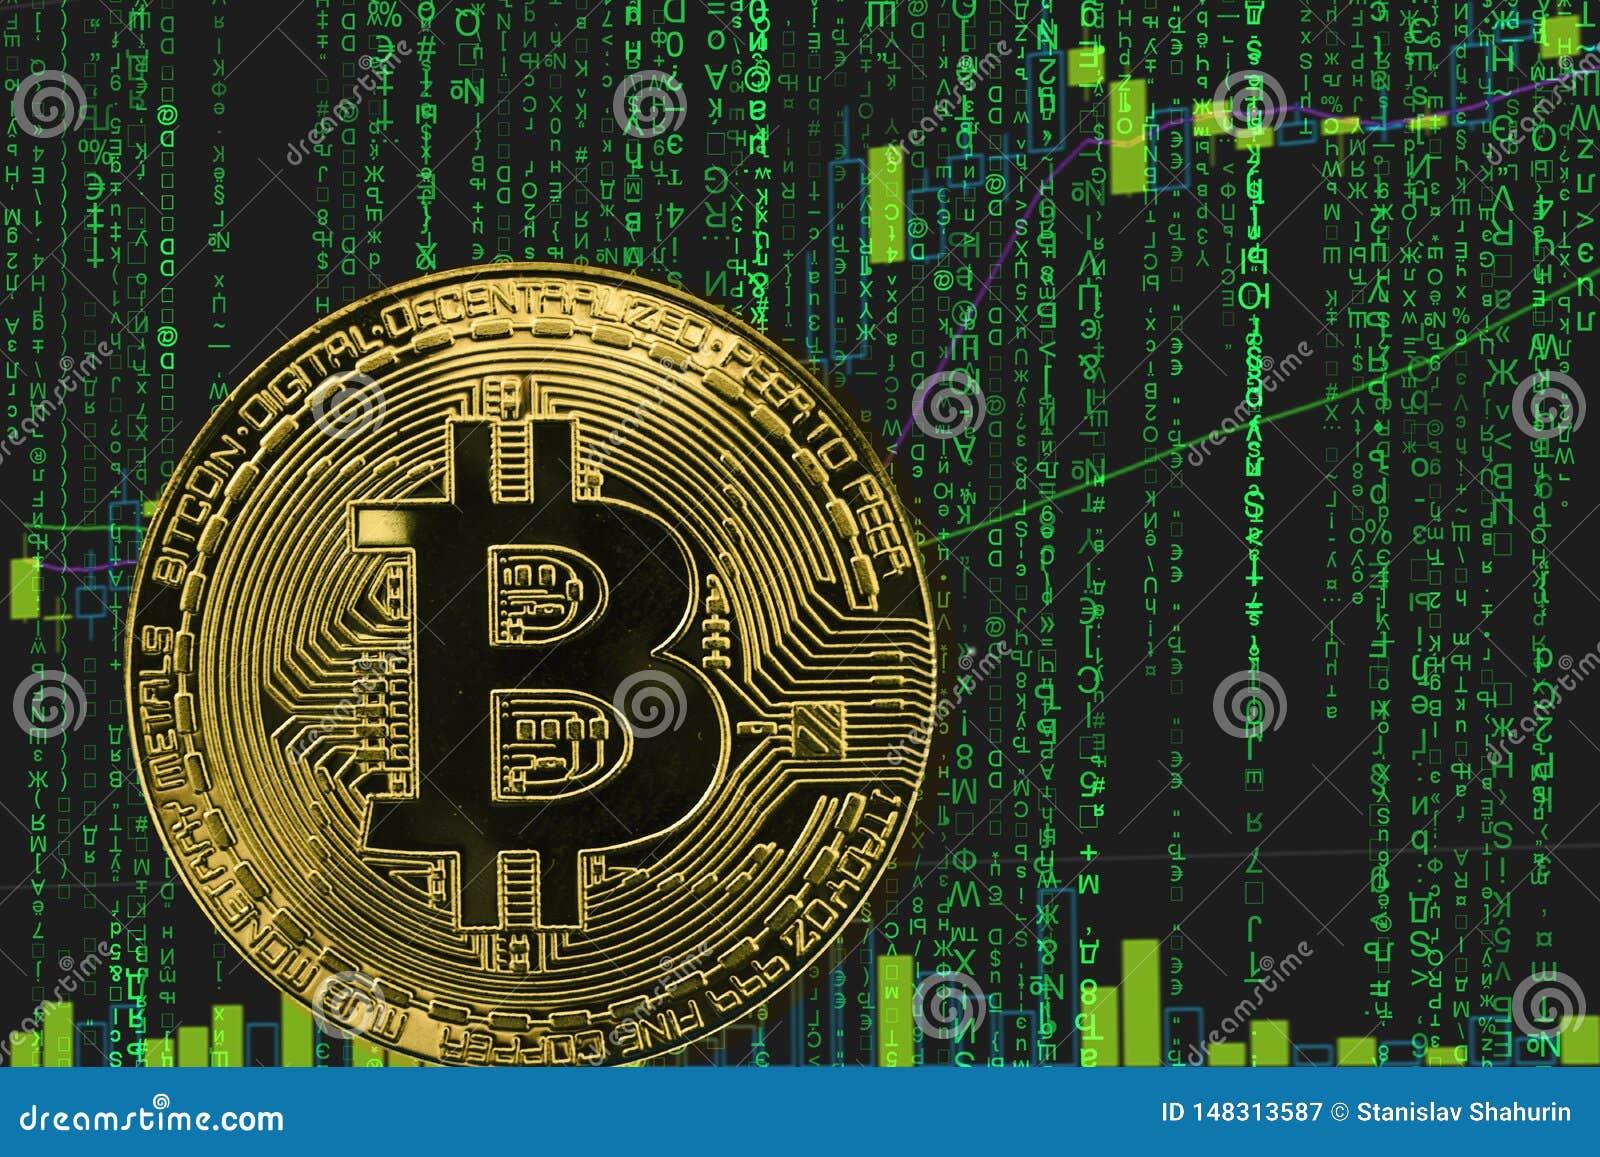 Bitcoin kaina dabar pirkti. Gigabyte H110-D3A BTC Bitcoin Edition